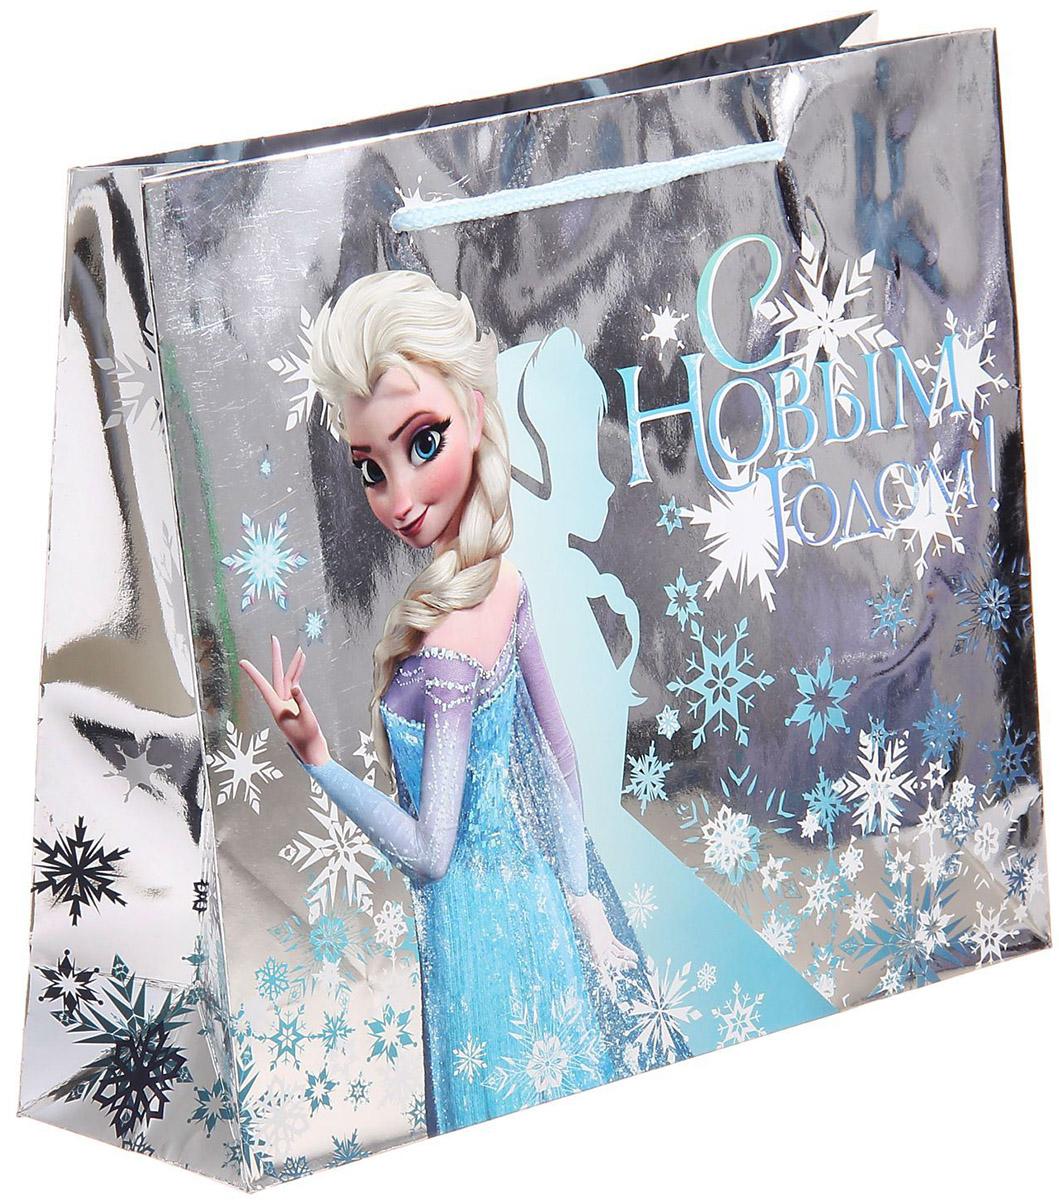 Пакет подарочный Disney Холодное сердце. С Новым годом!, голография, горизонтальный, 18 x 23 см1121633Подарочный пакет Disney Холодное сердце. С Новым годом!, изготовленный из картона, станет незаменимым дополнением к выбранному подарку. Для удобной переноски на пакете имеются две ручки. Подарок, преподнесенный в оригинальной упаковке, всегда будет самымэффектным и запоминающимся. Окружите близких людей вниманием и заботой, вручив презент в нарядном, праздничном оформлении.